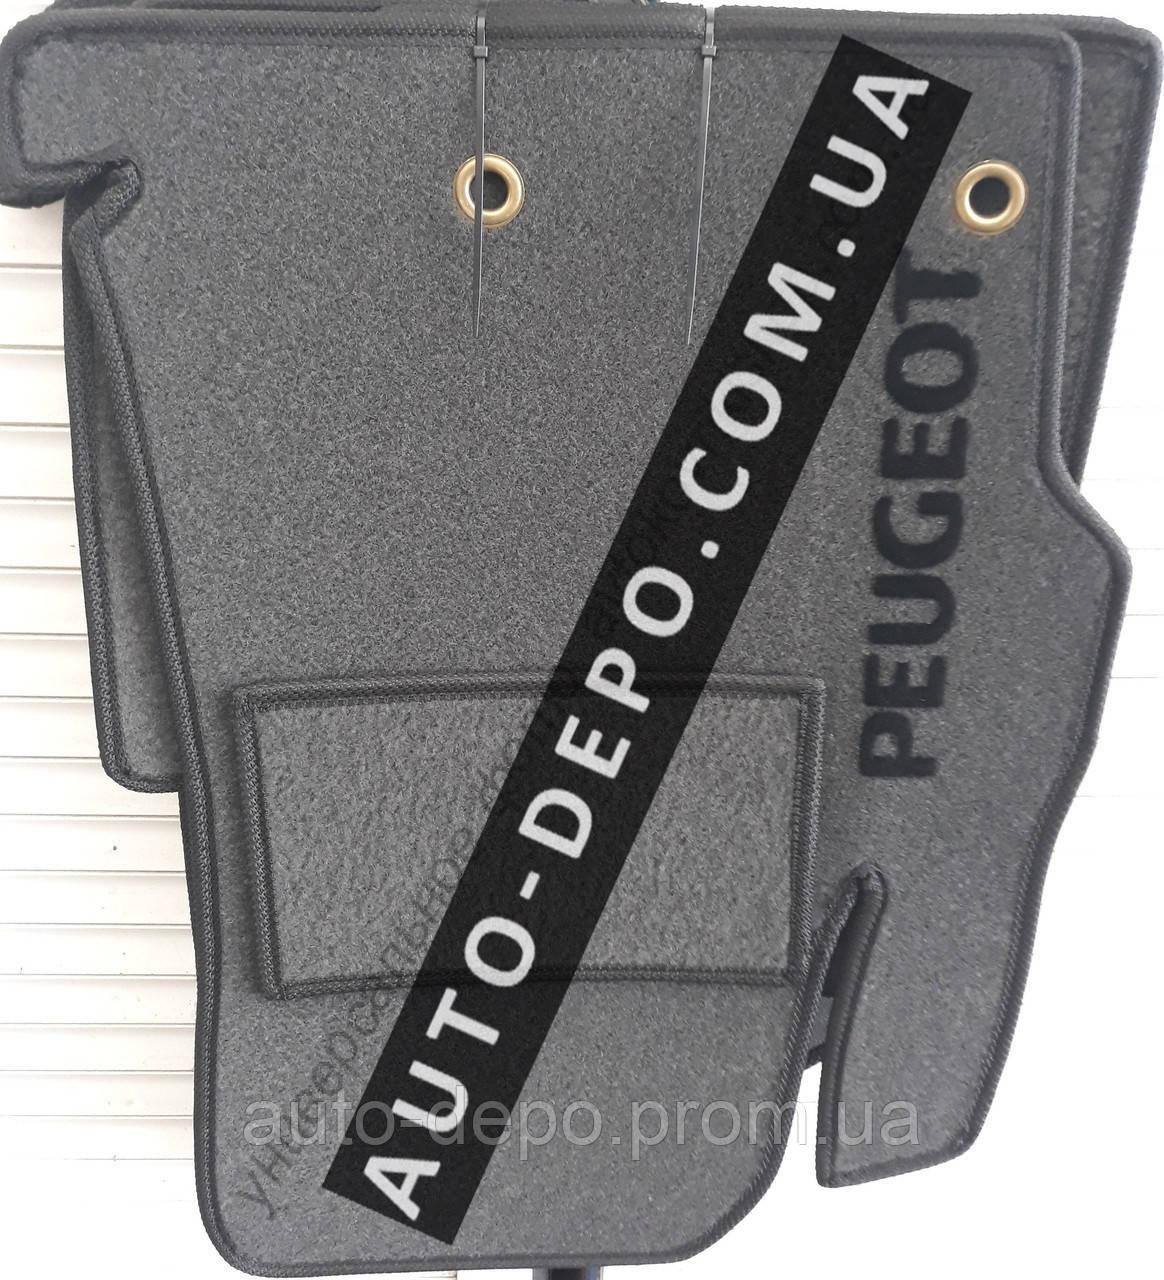 Ворсові килимки салону Peugeot 107 2005 - VIP ЛЮКС АВТО-ВОРС